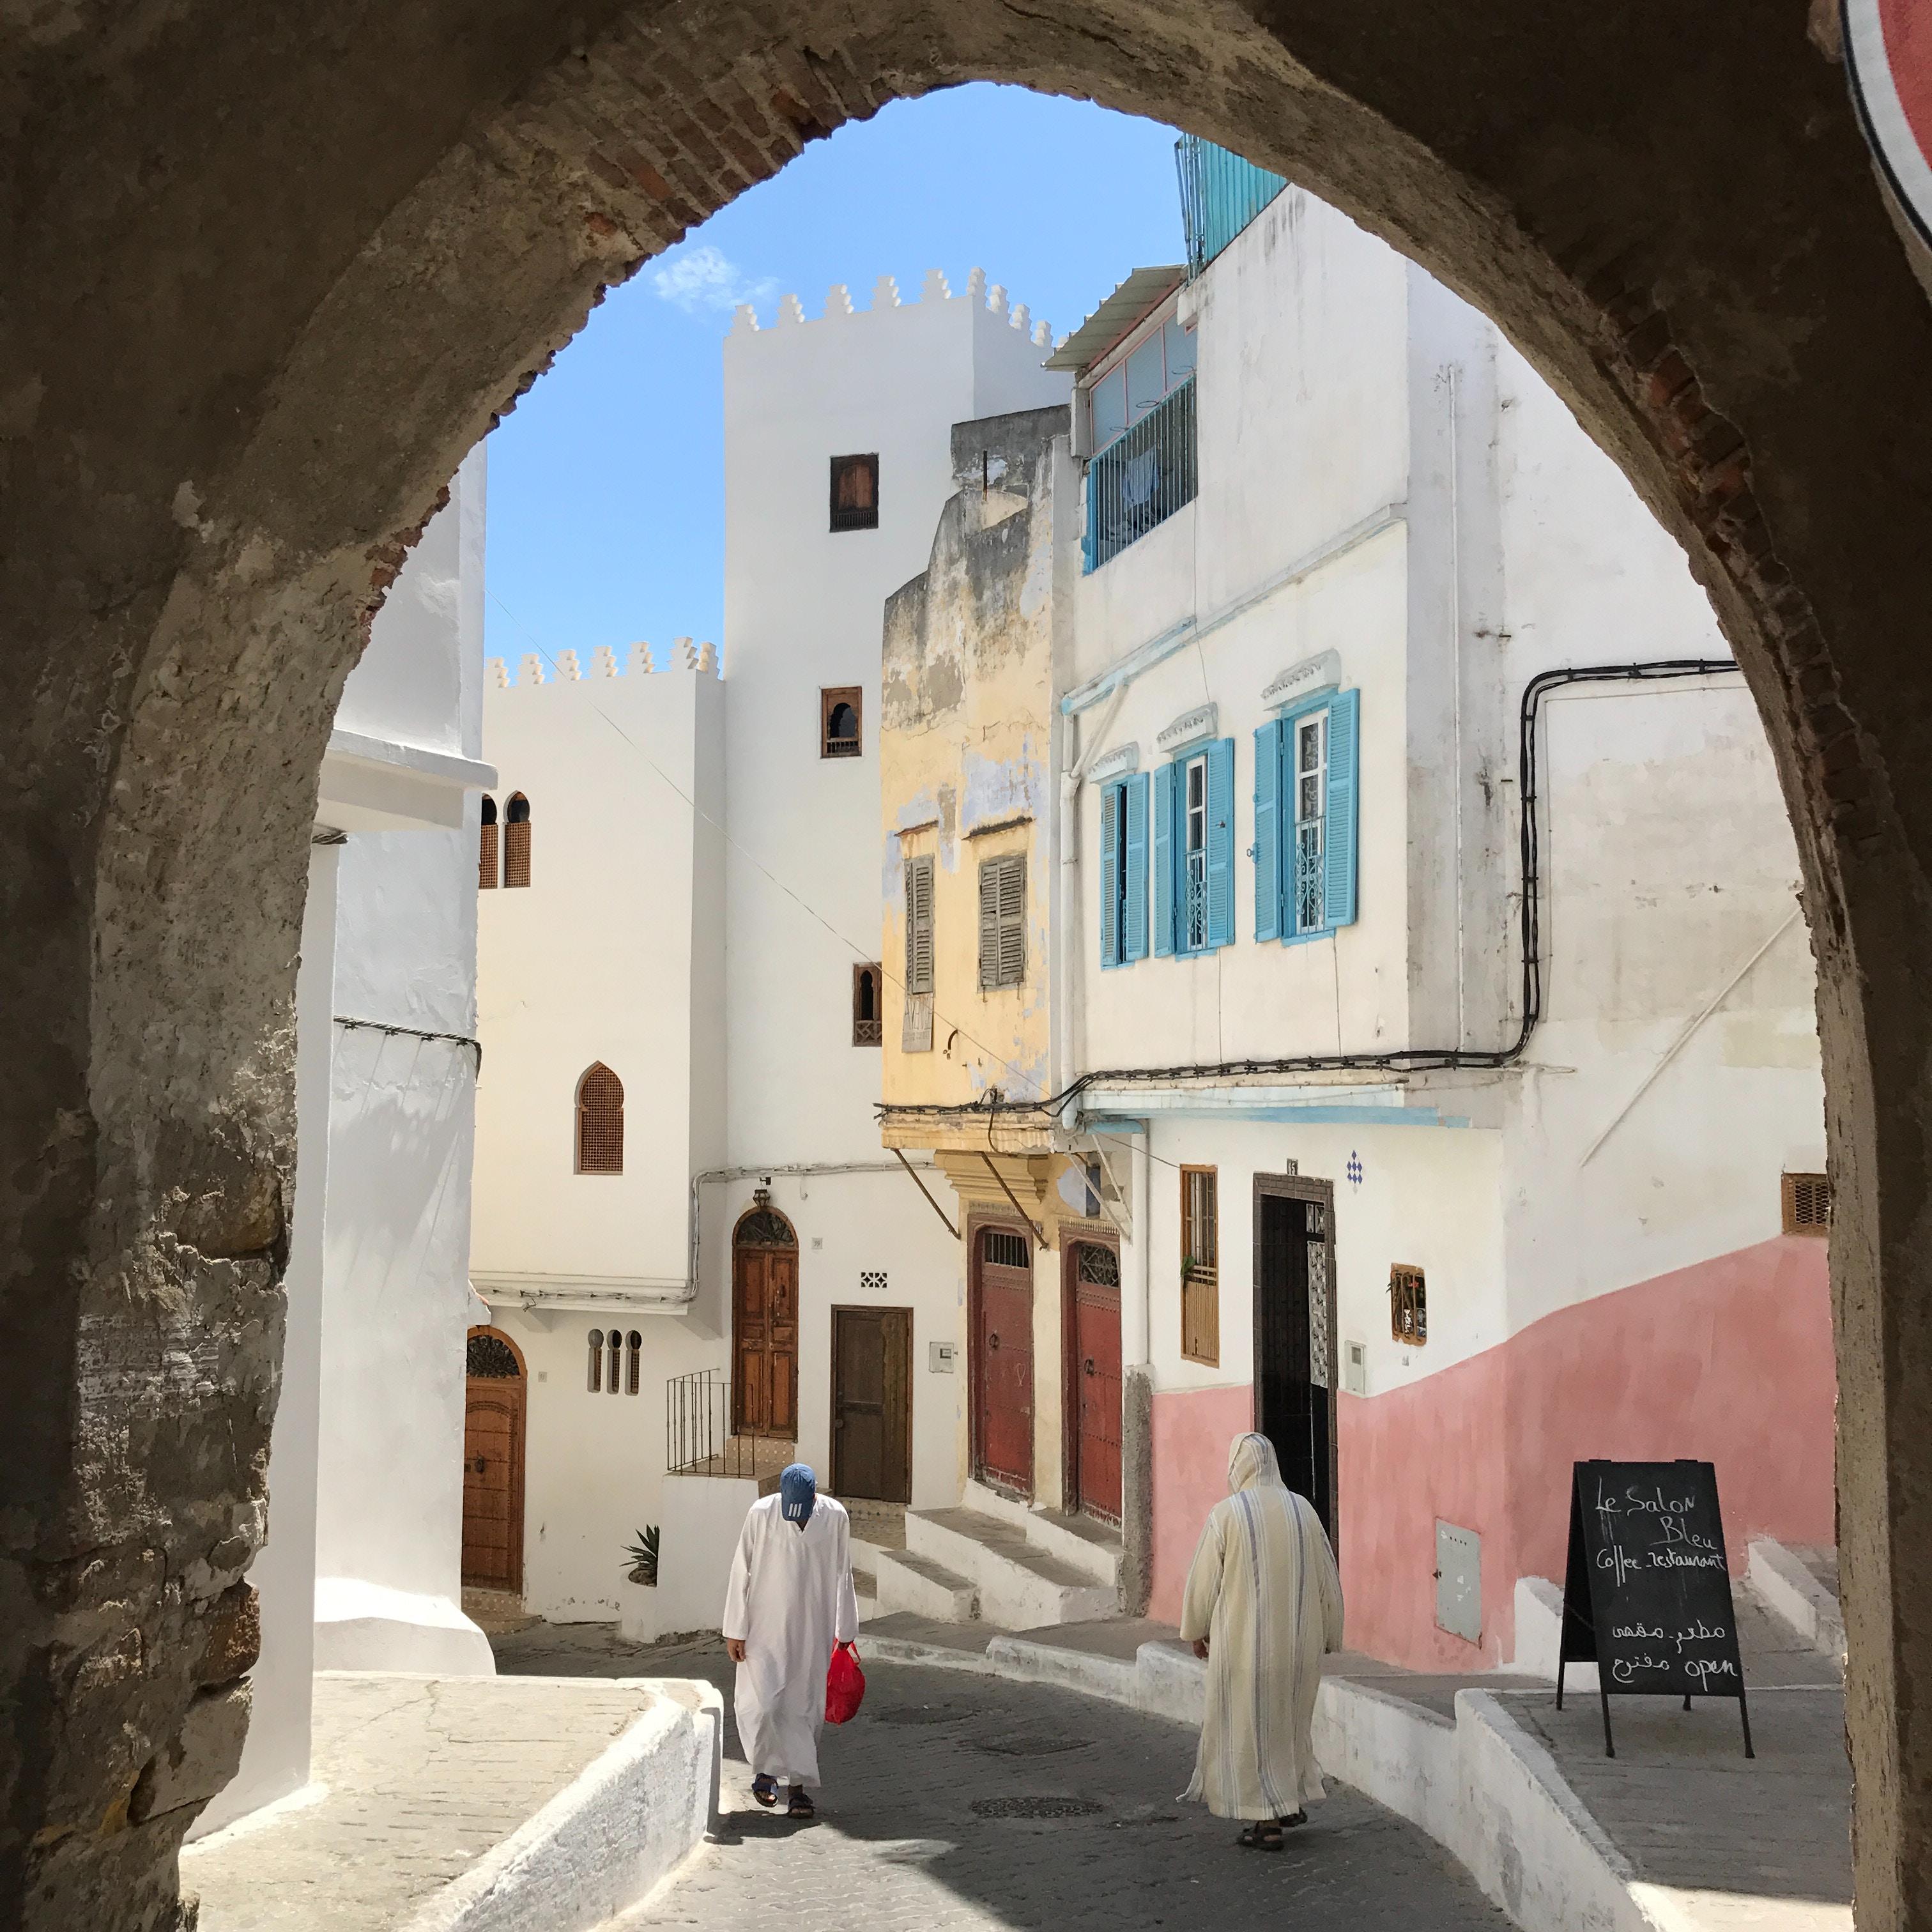 Ντόπιοι στα στενά της Ταγγέρης - διακοπές στο Μαρόκο